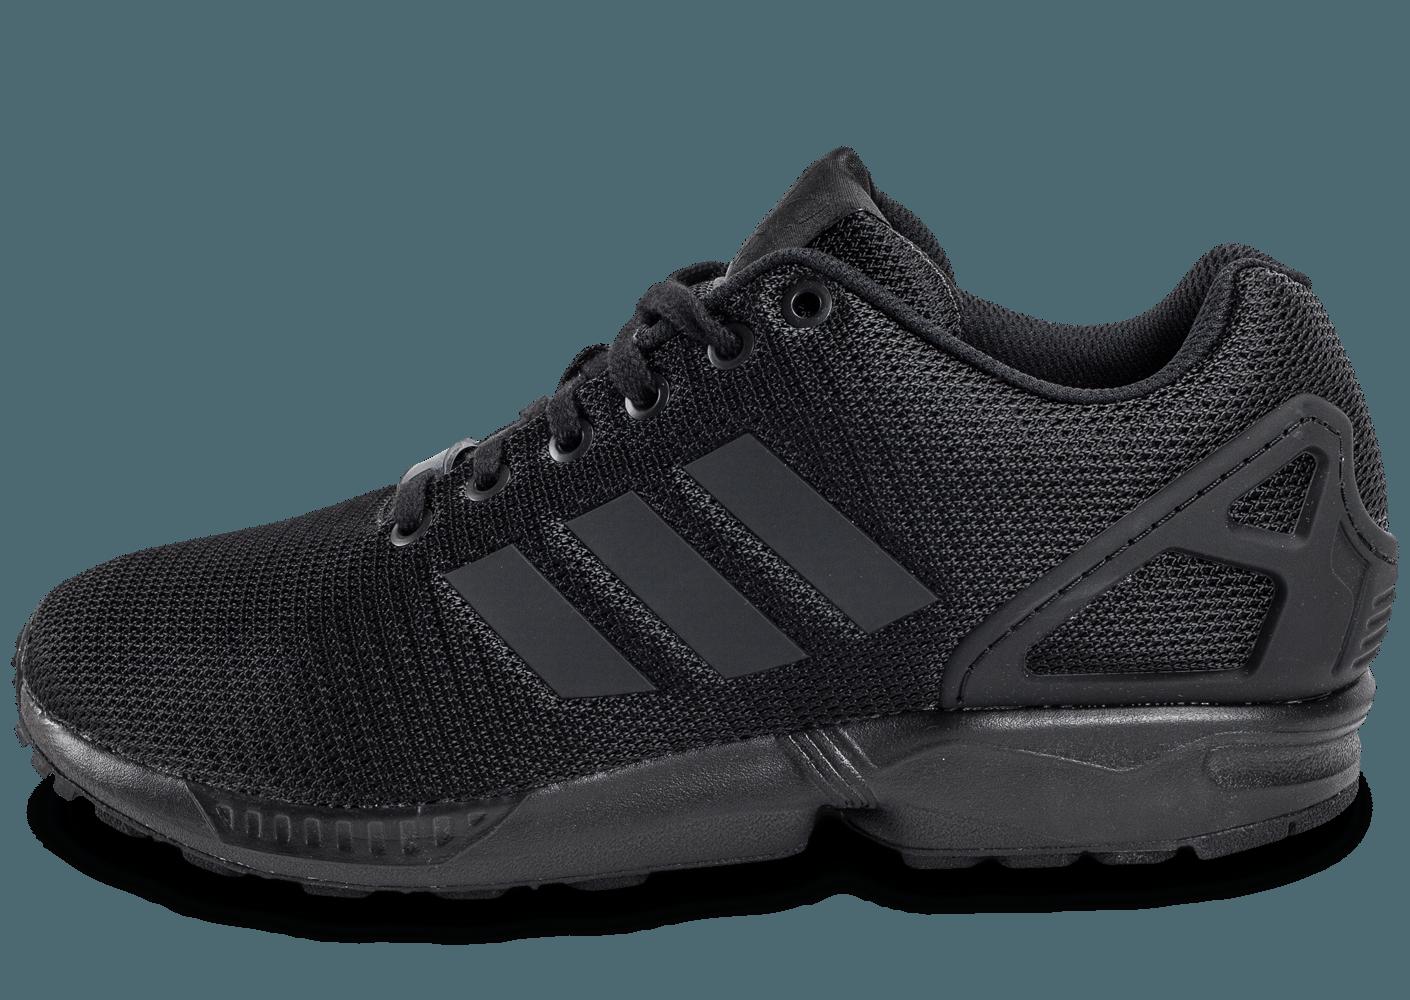 grand choix de d5358 b8579 adidas zx flux toute noir une vente de liquidation de prix ...